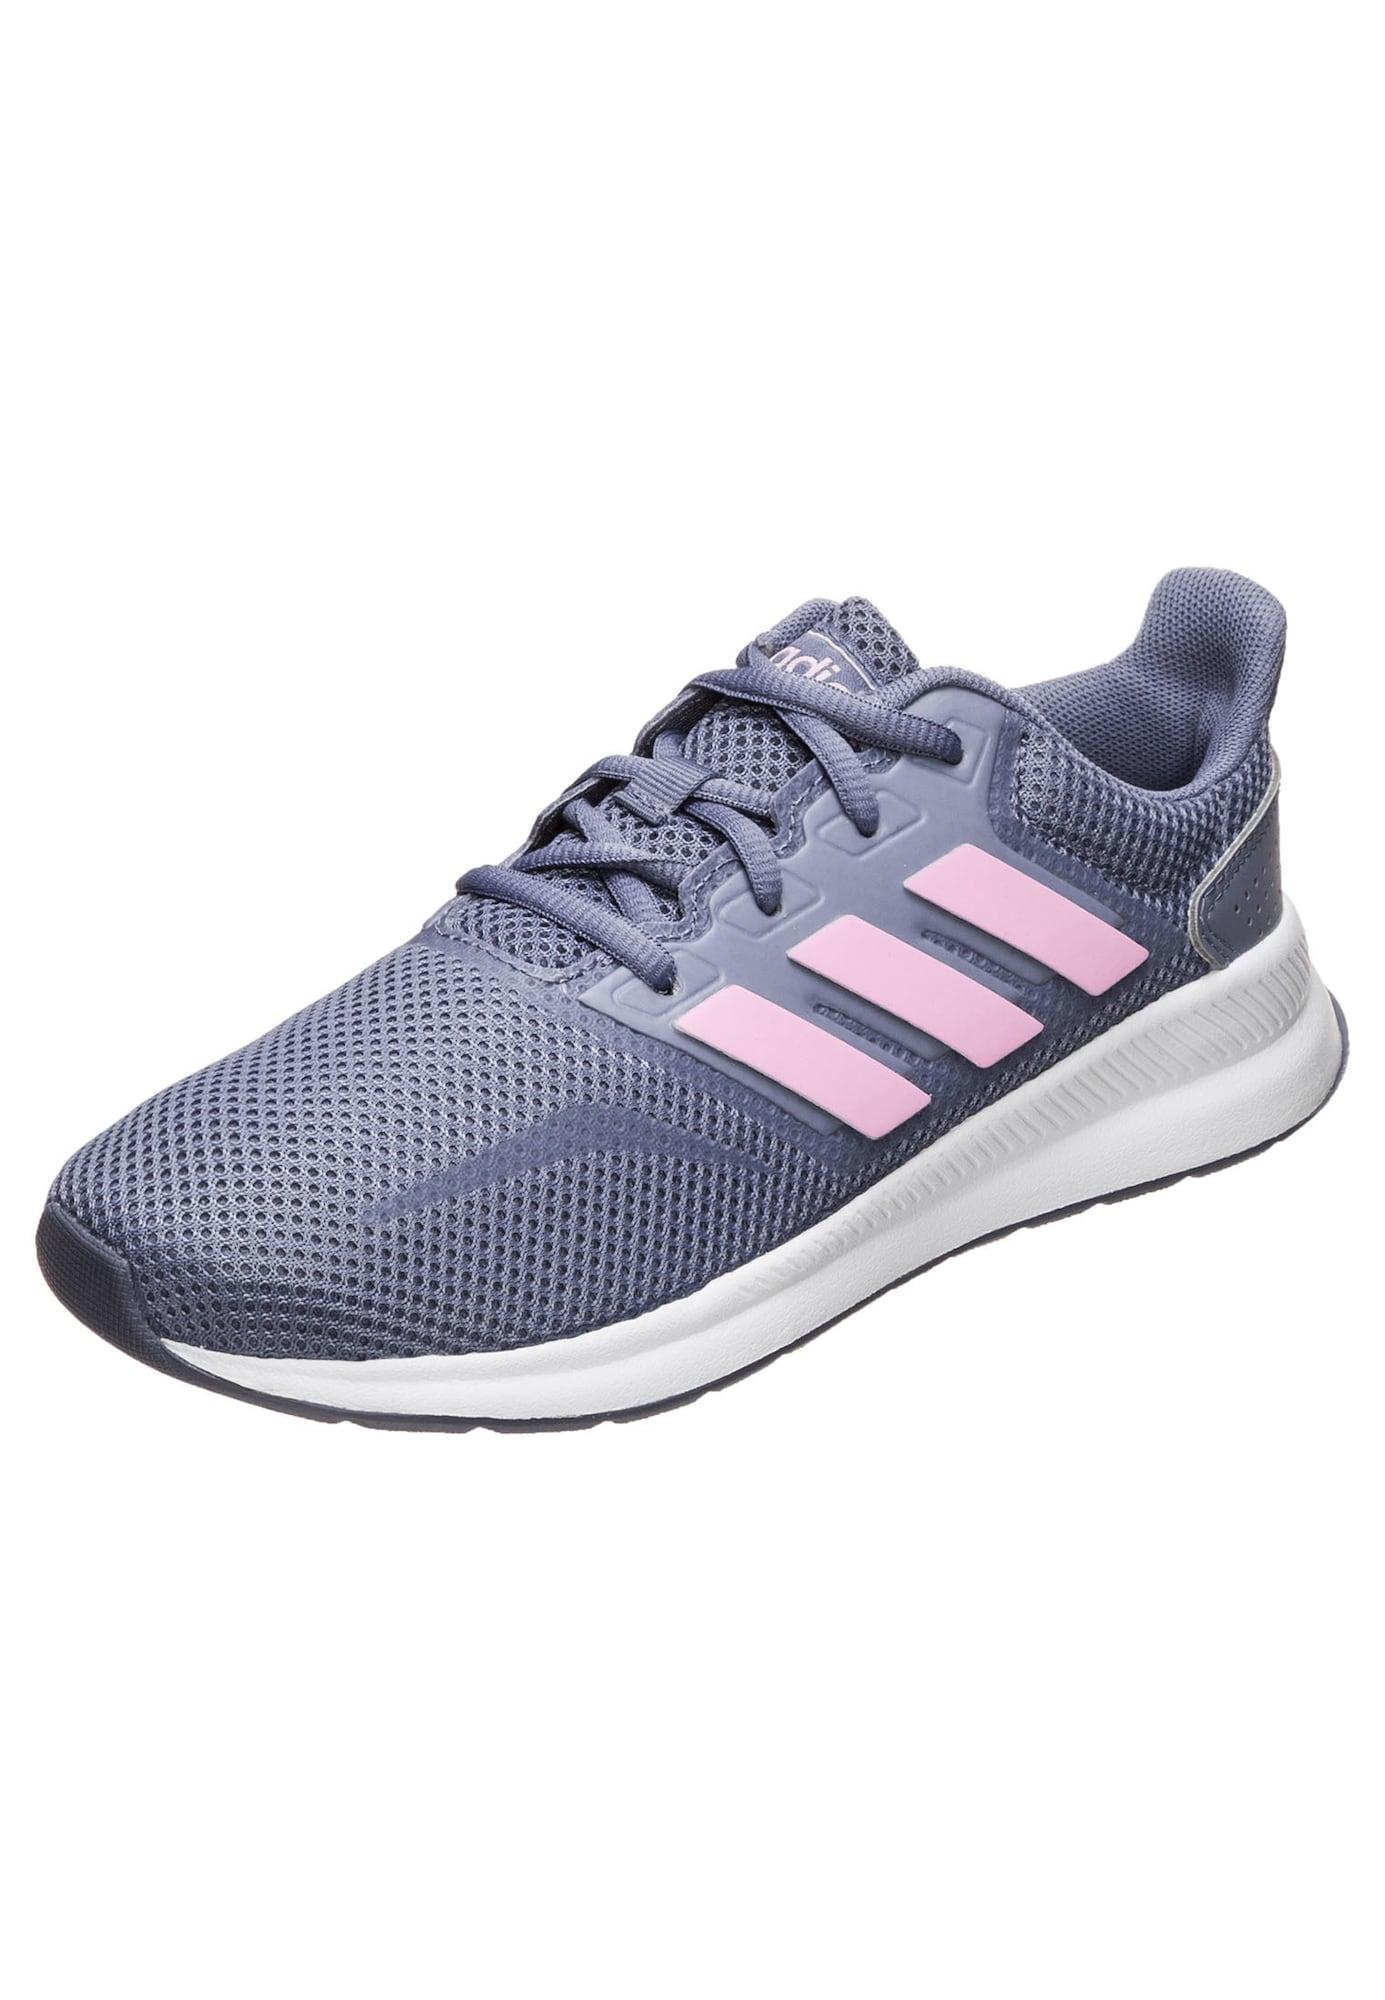 Sportovní boty Runfalcon světle fialová růžová ADIDAS PERFORMANCE